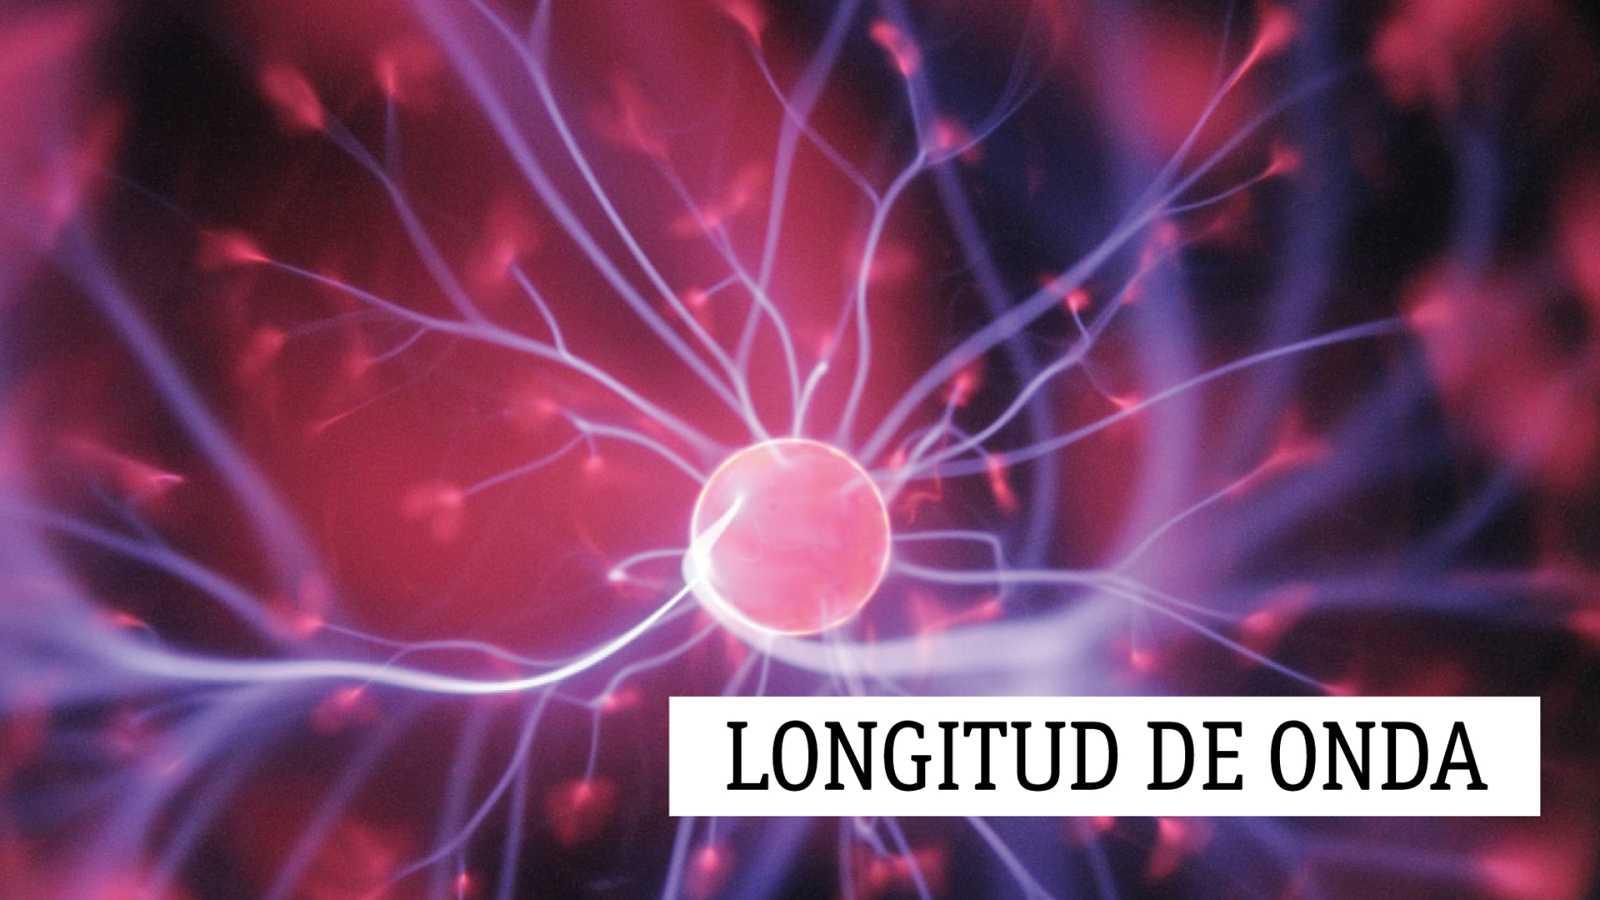 Longitud de onda - Lures: de lo mejor de la Edad del Bronce - 04/03/21 - escuchar ahora